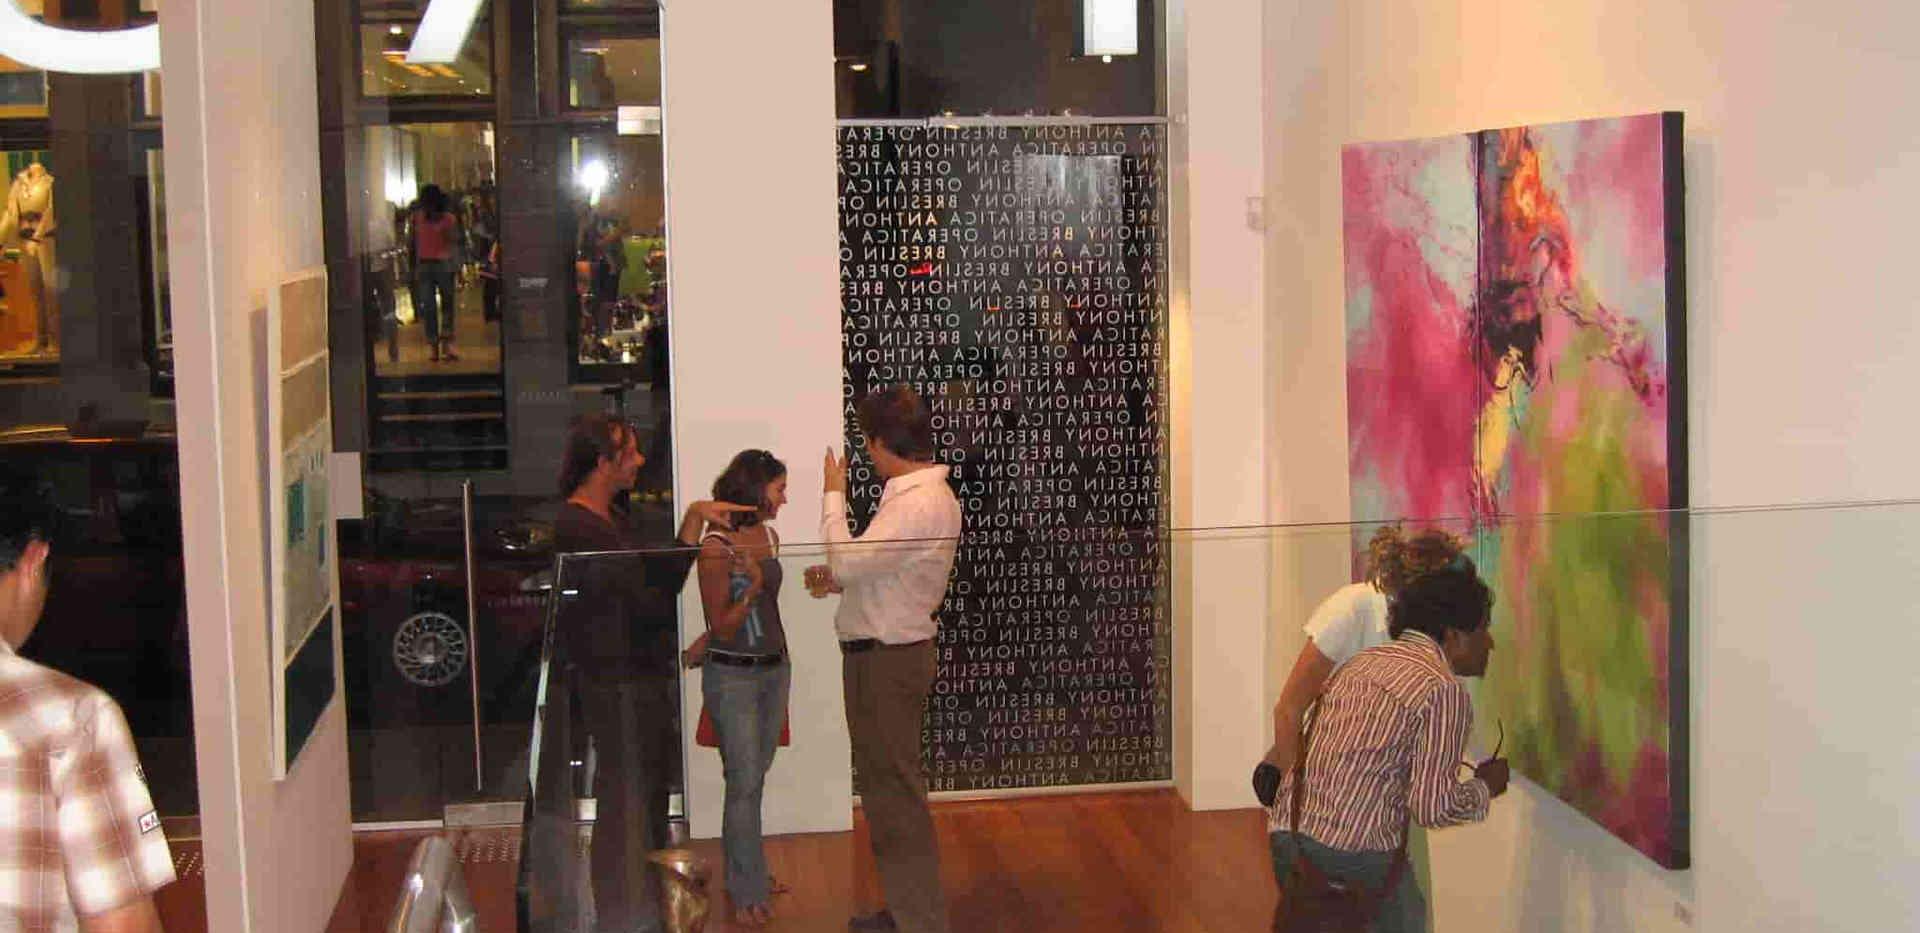 Perth Australia Solo Exhibition